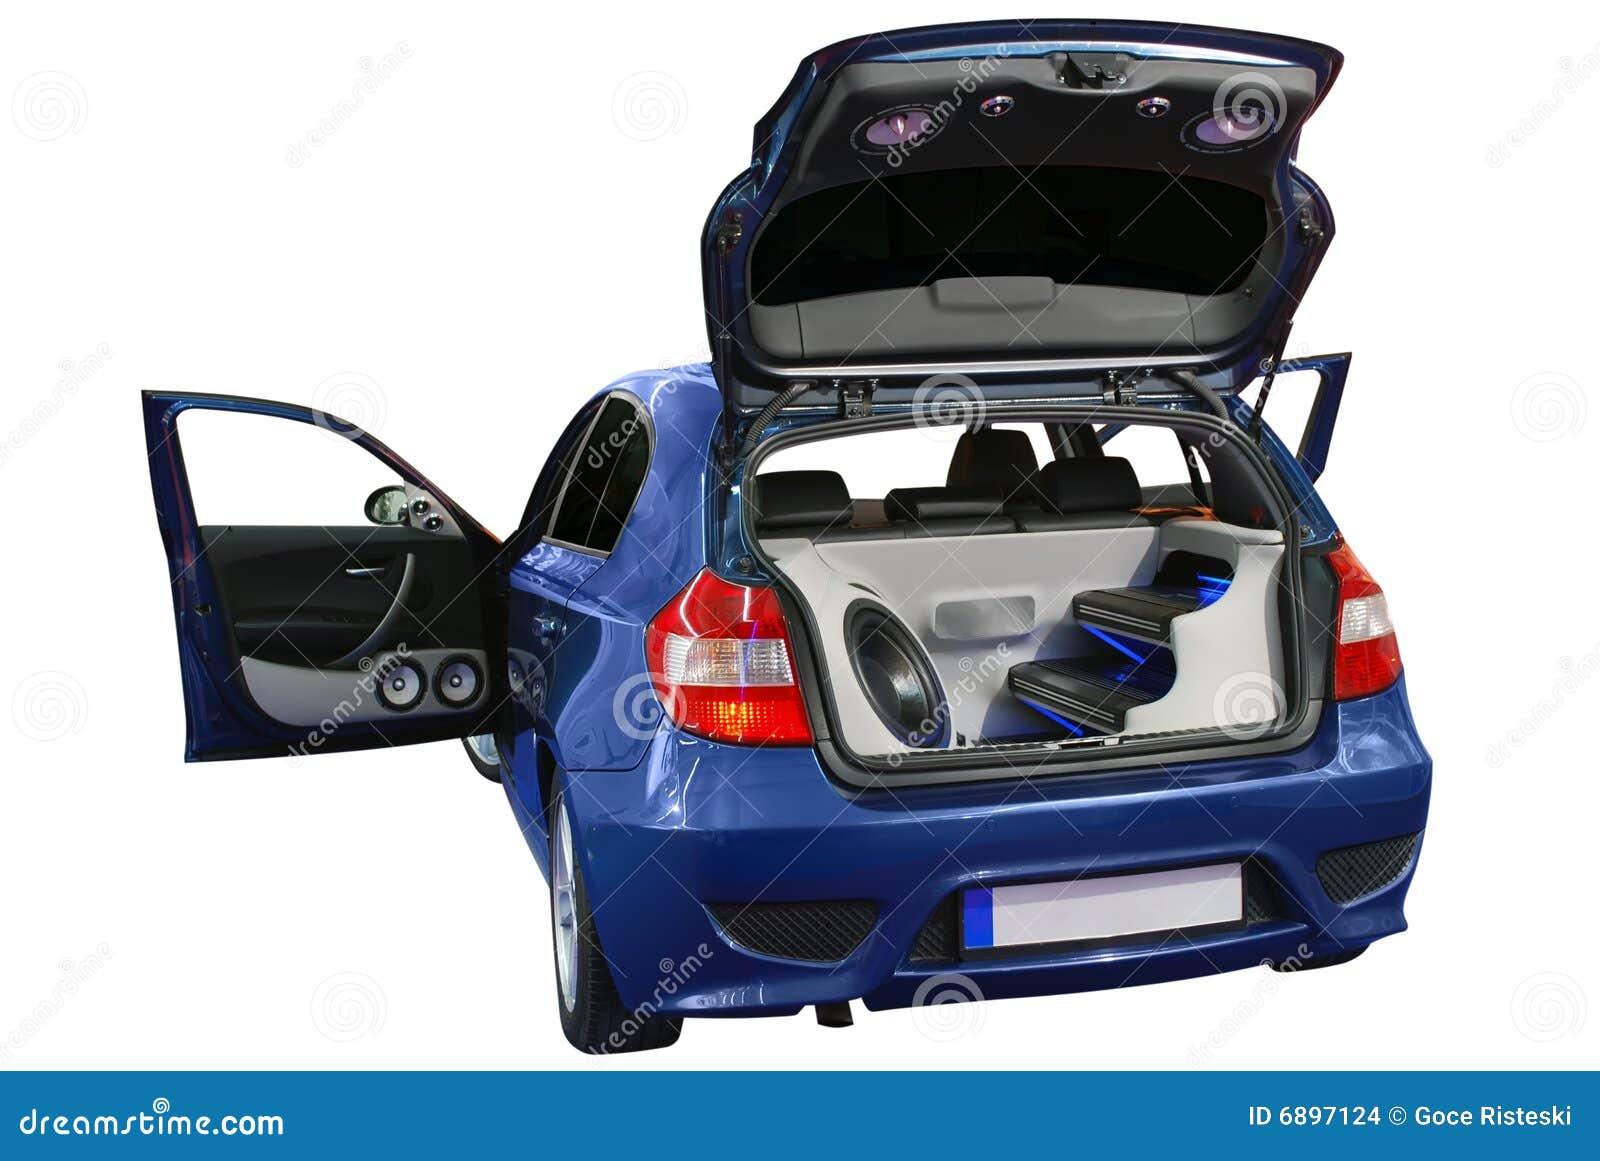 car audio system stock images image 6897124. Black Bedroom Furniture Sets. Home Design Ideas